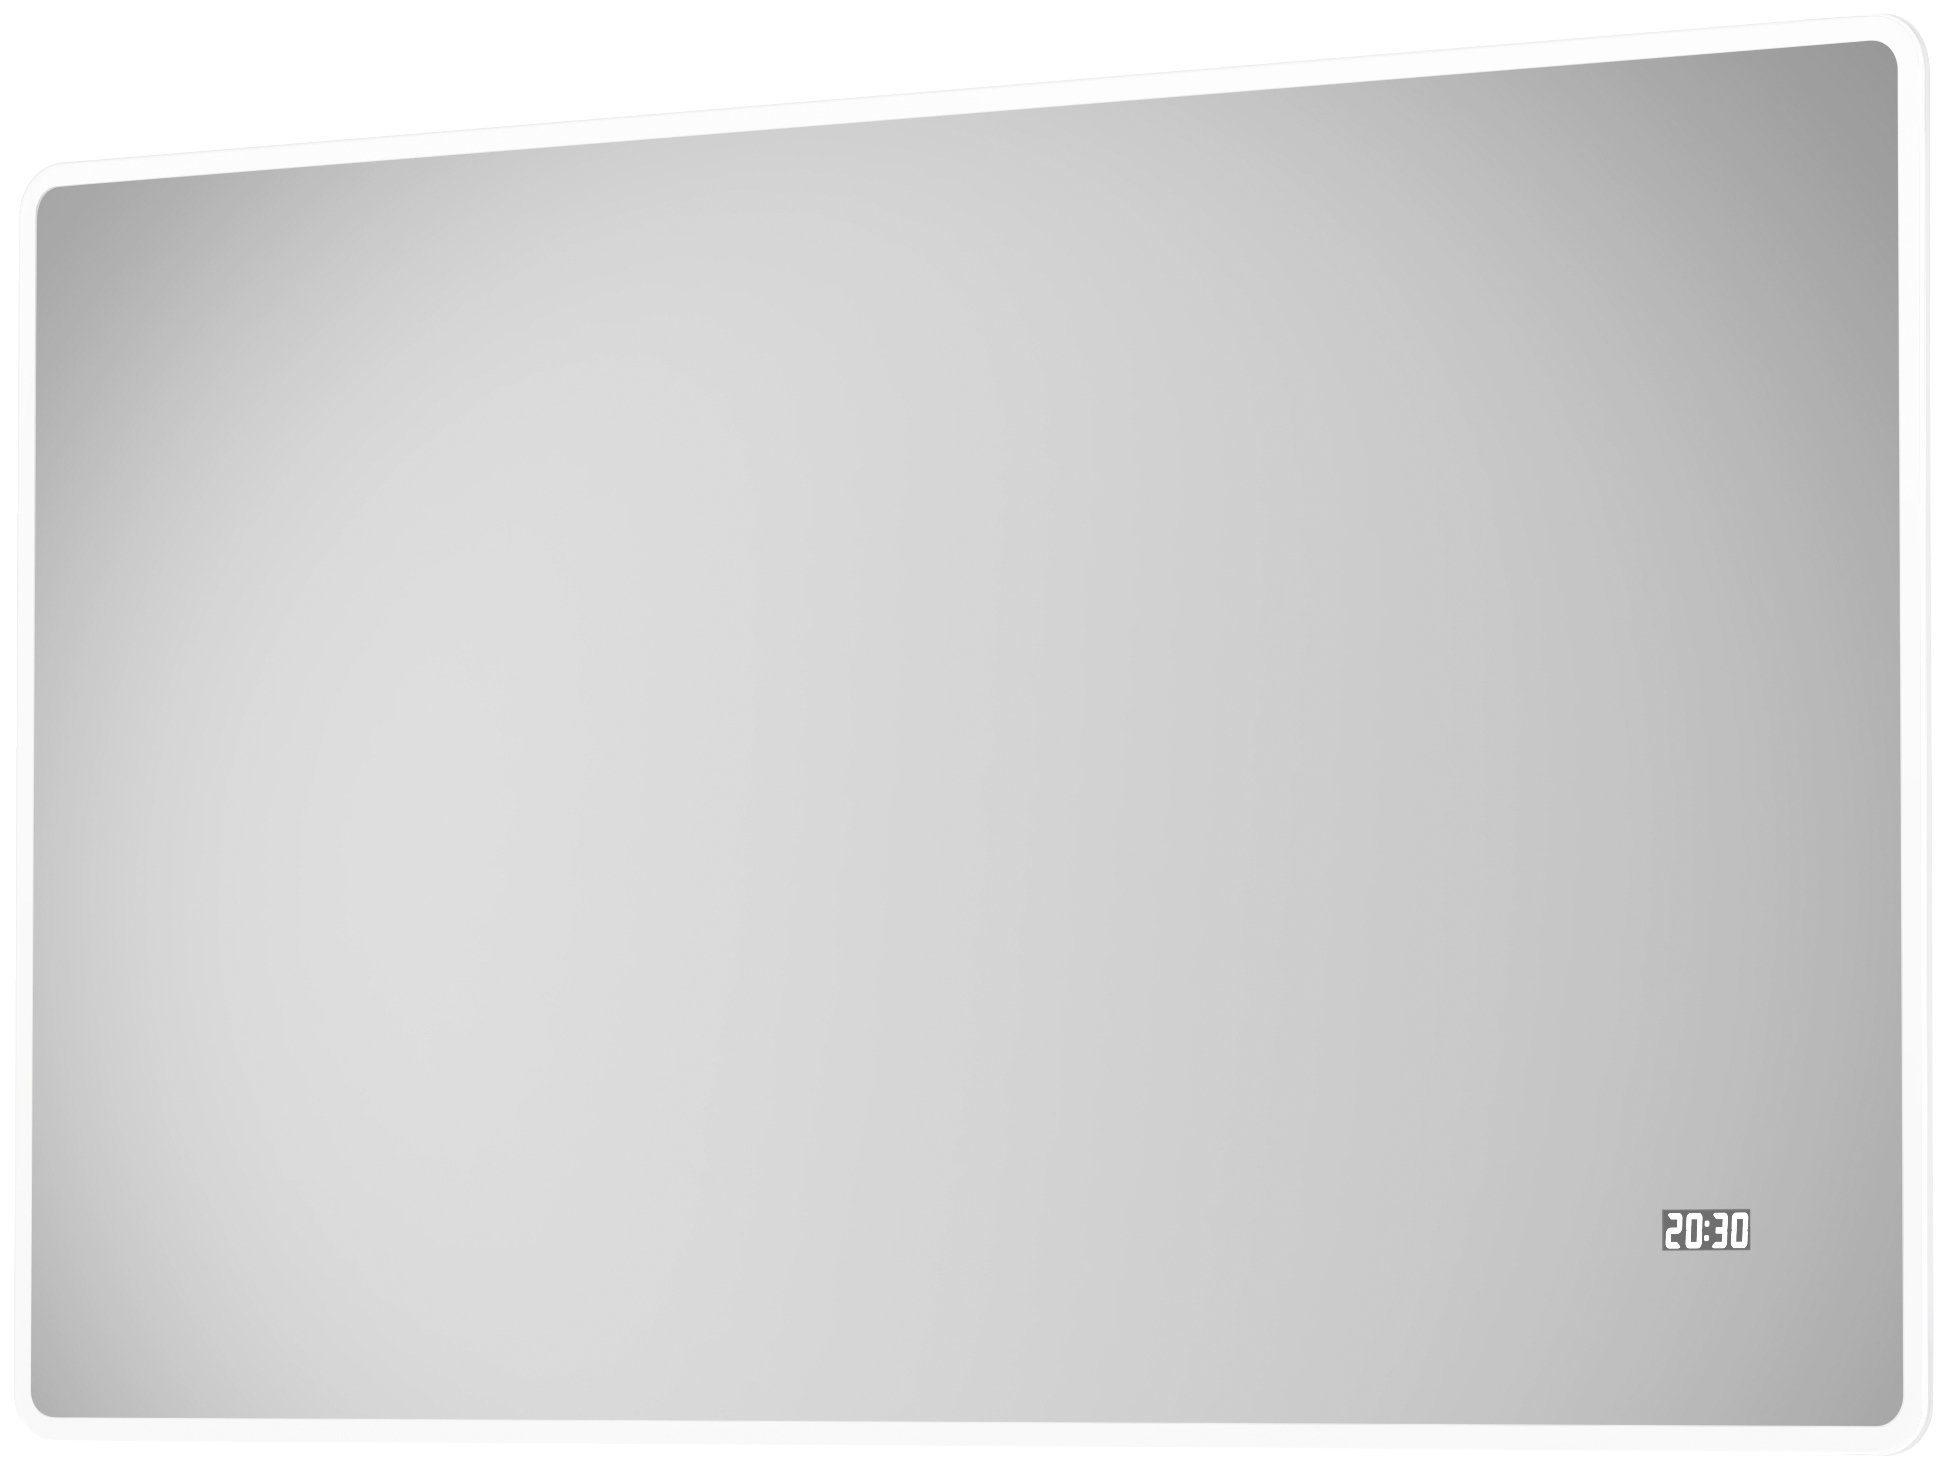 Badspiegel »Sun«, mit LED-Licht, 120 x 70 cm